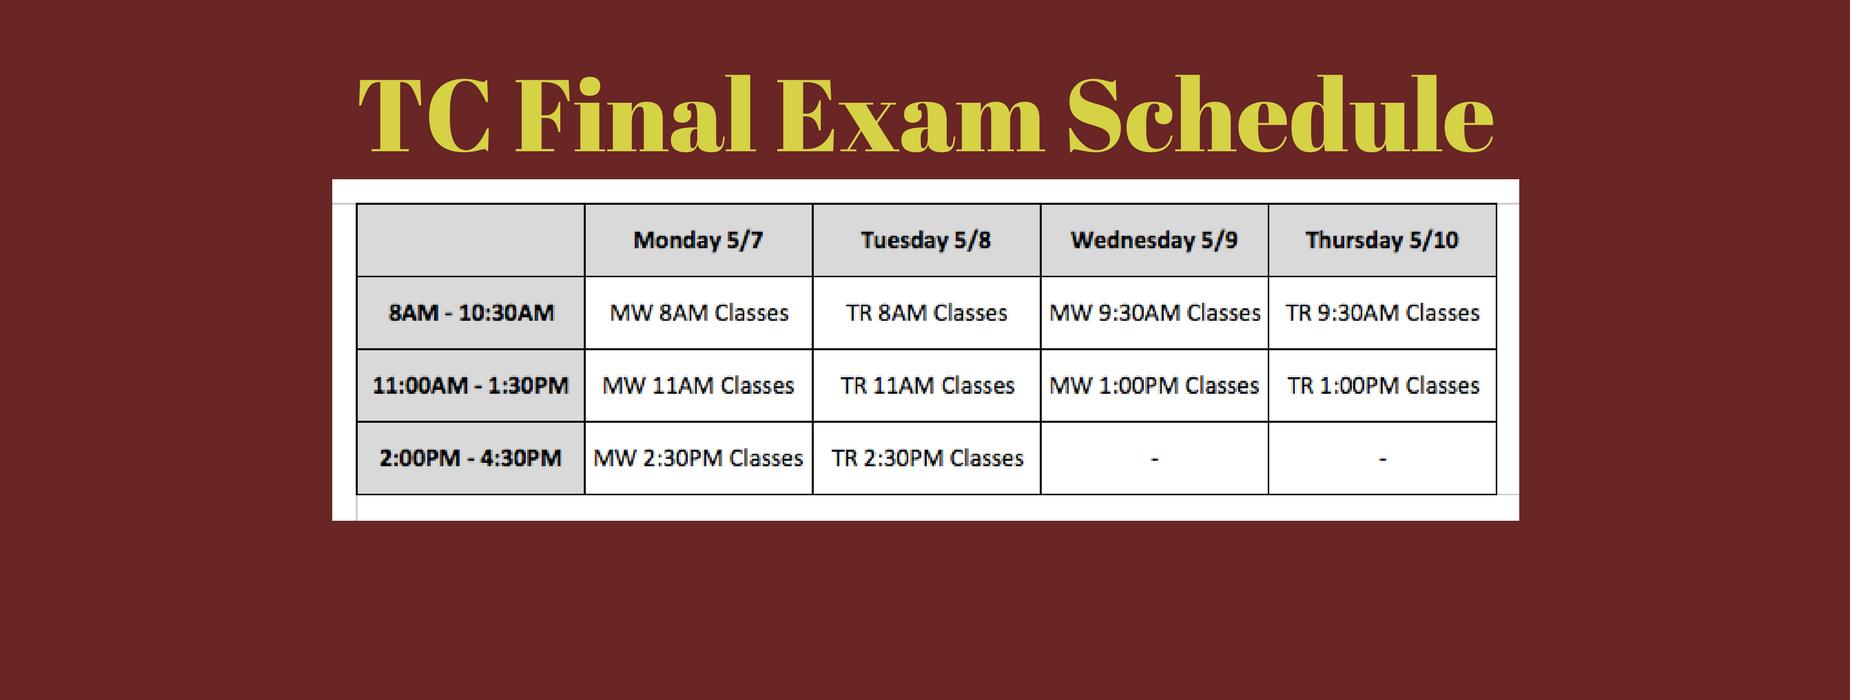 TC Final Exam Schedule